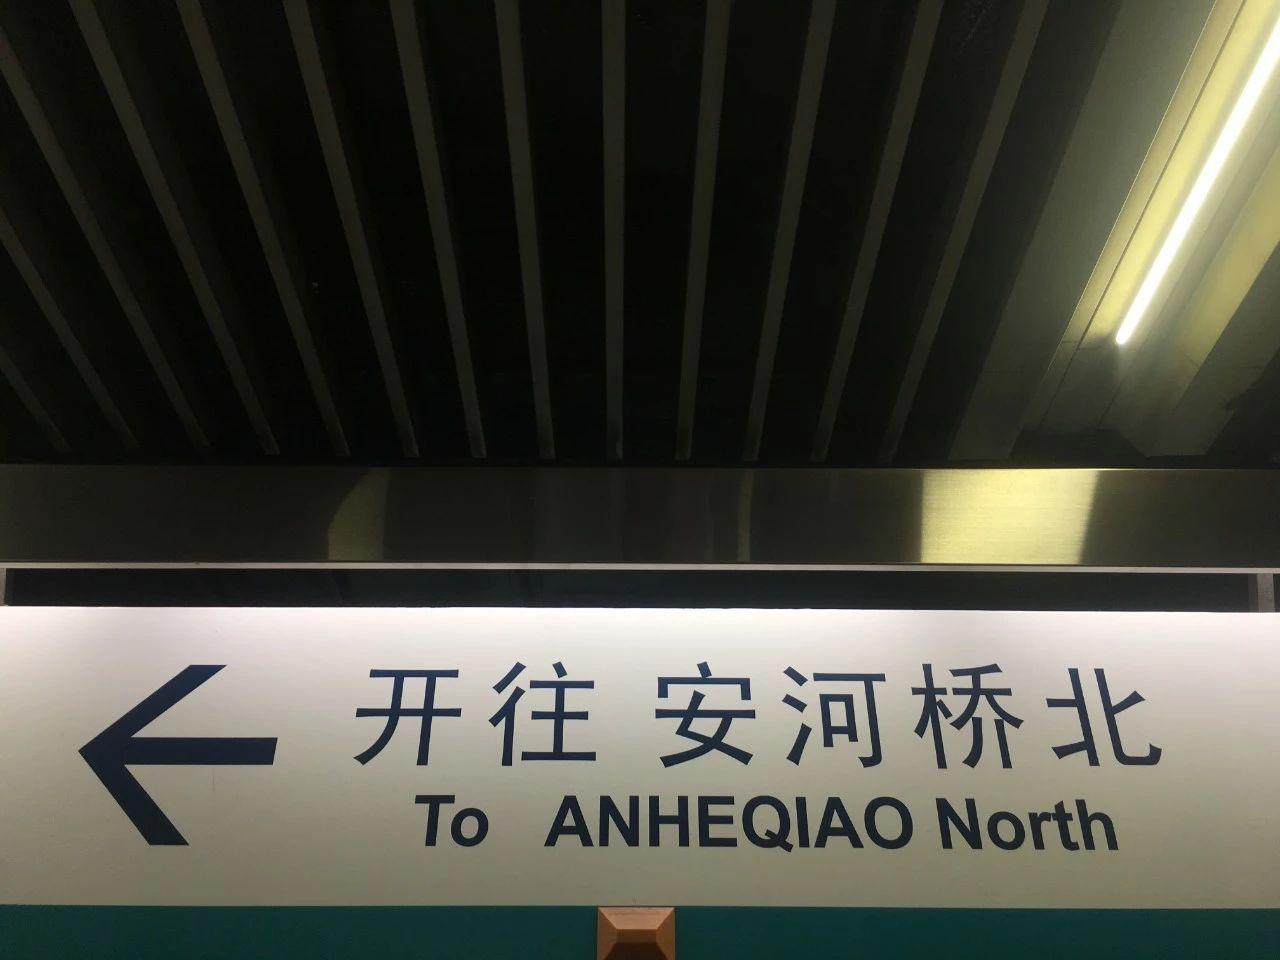 【高音质Mp3】宋冬野 - 安河桥 .Mp3